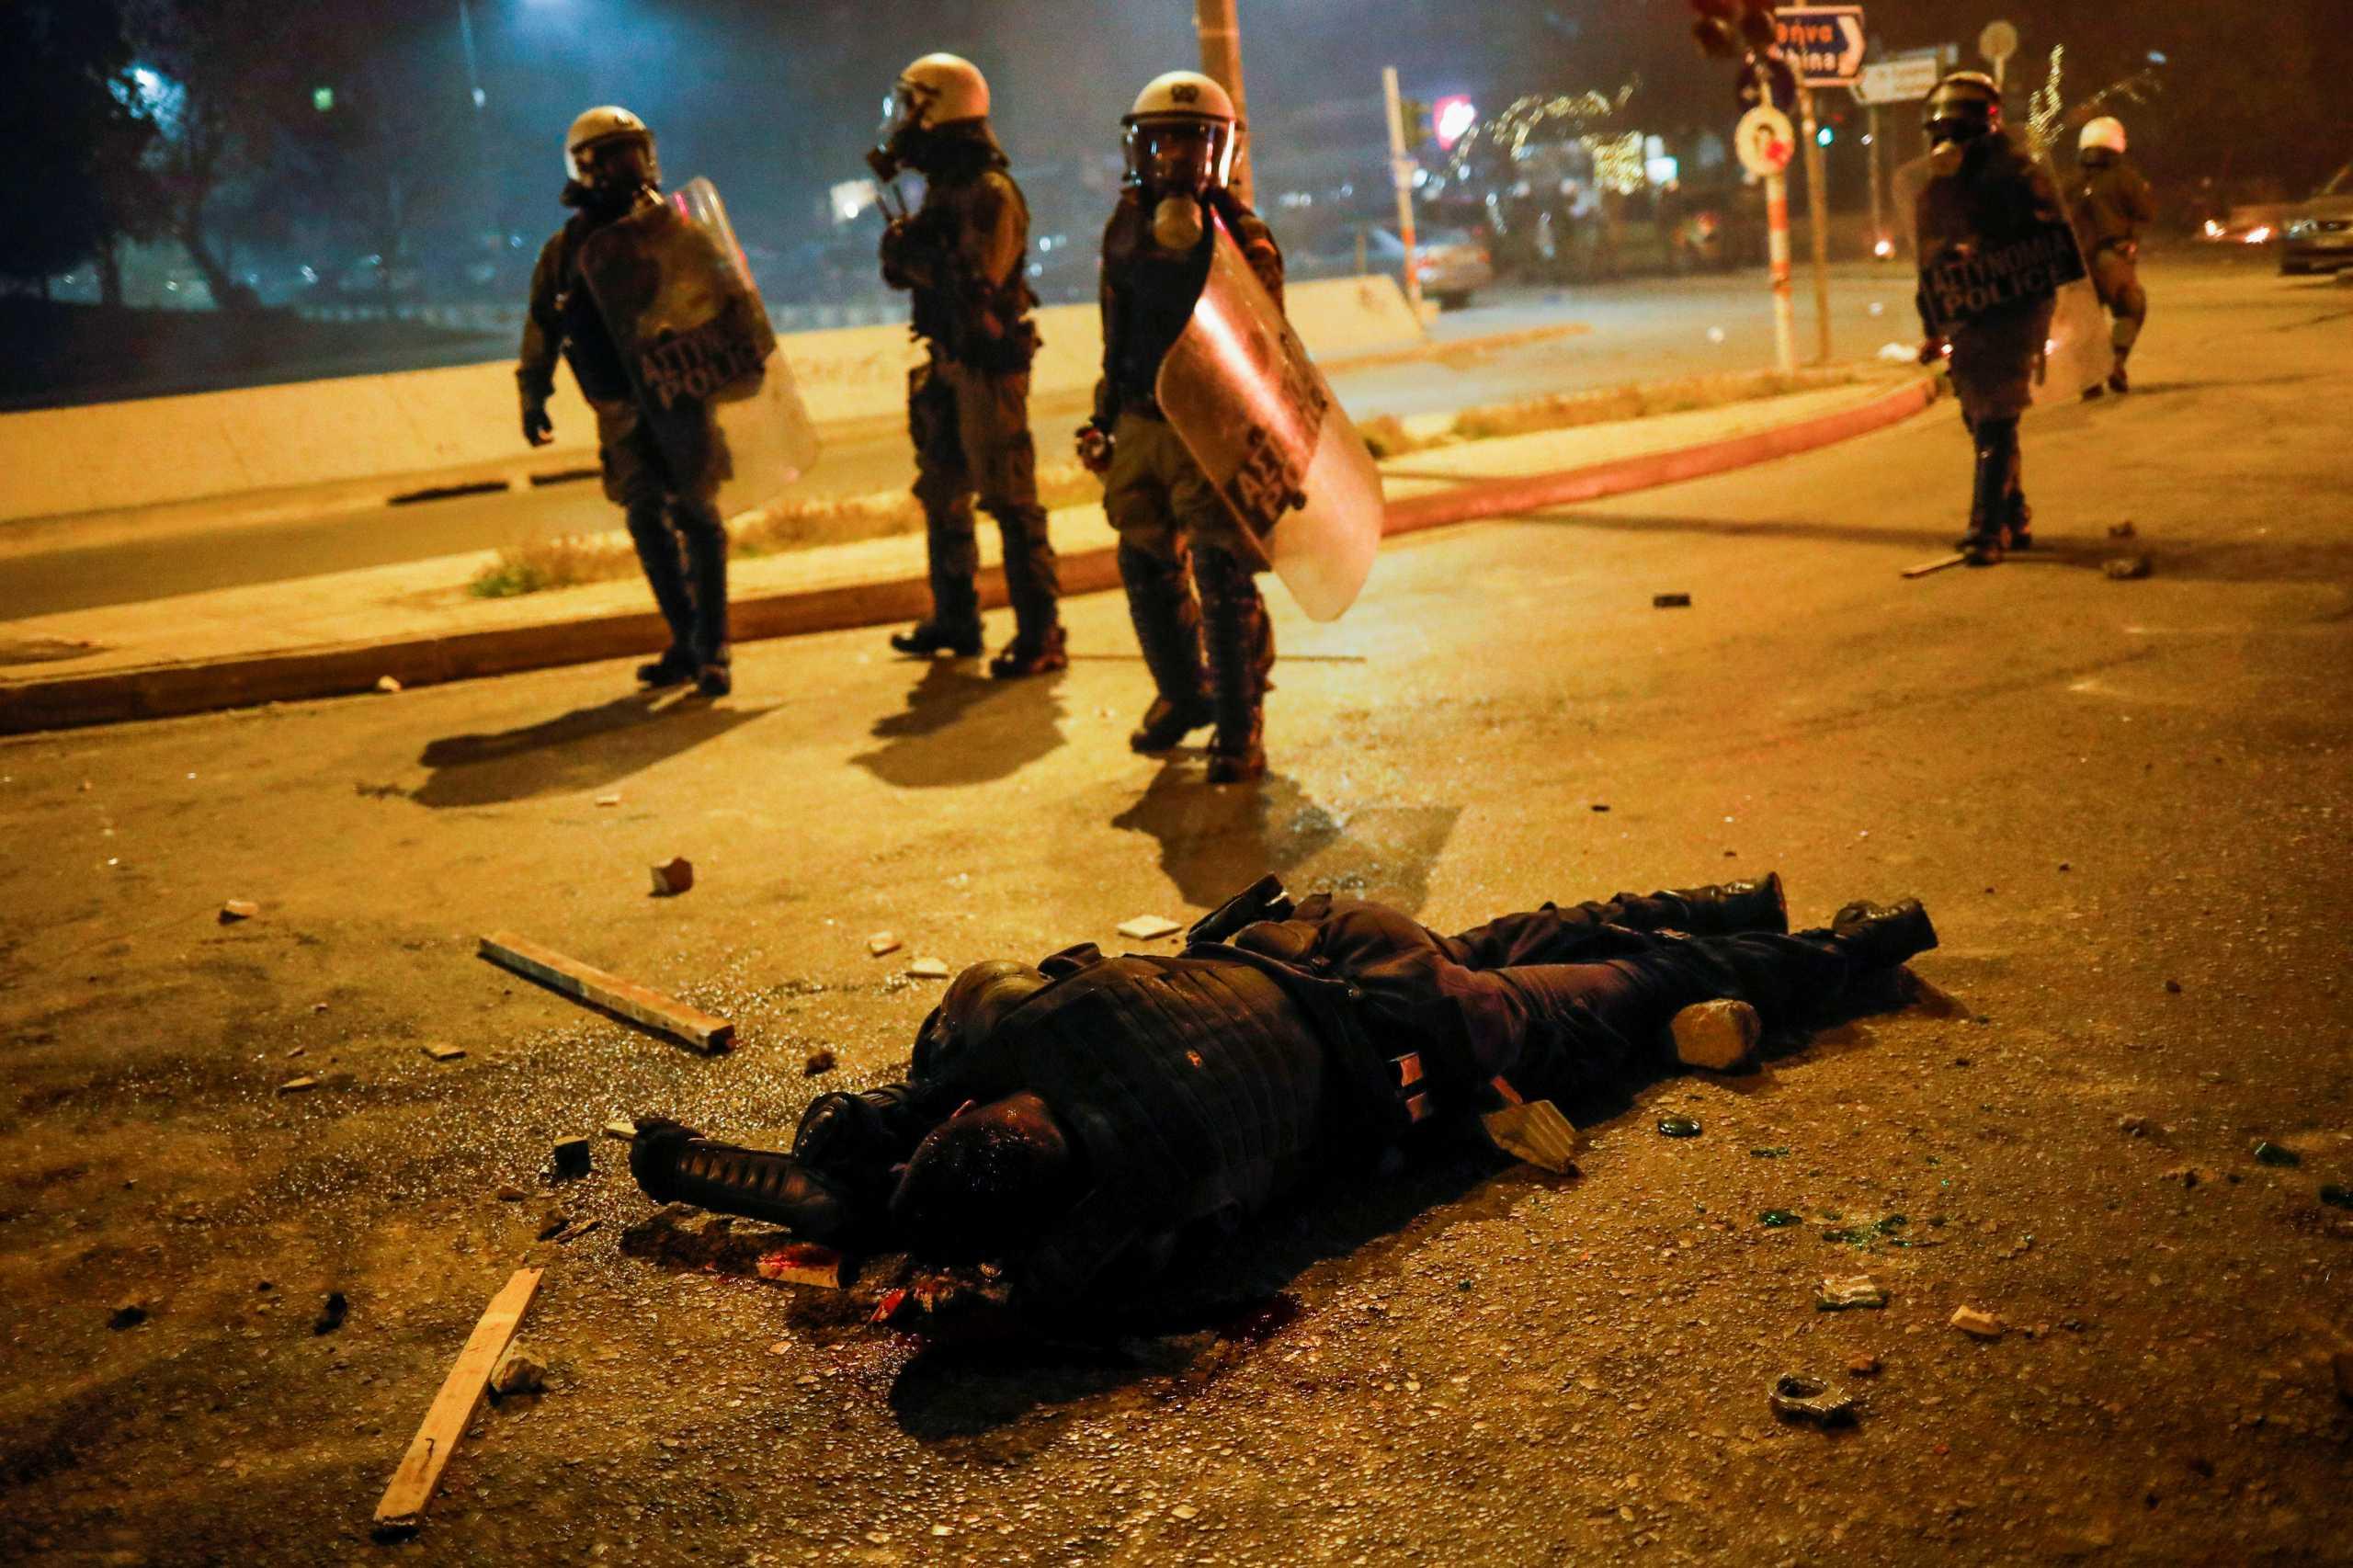 Νέα Σμύρνη: «Δεν ήθελαν να χτυπήσουν τον αστυνομικό αλλά να τον σκοτώσουν»